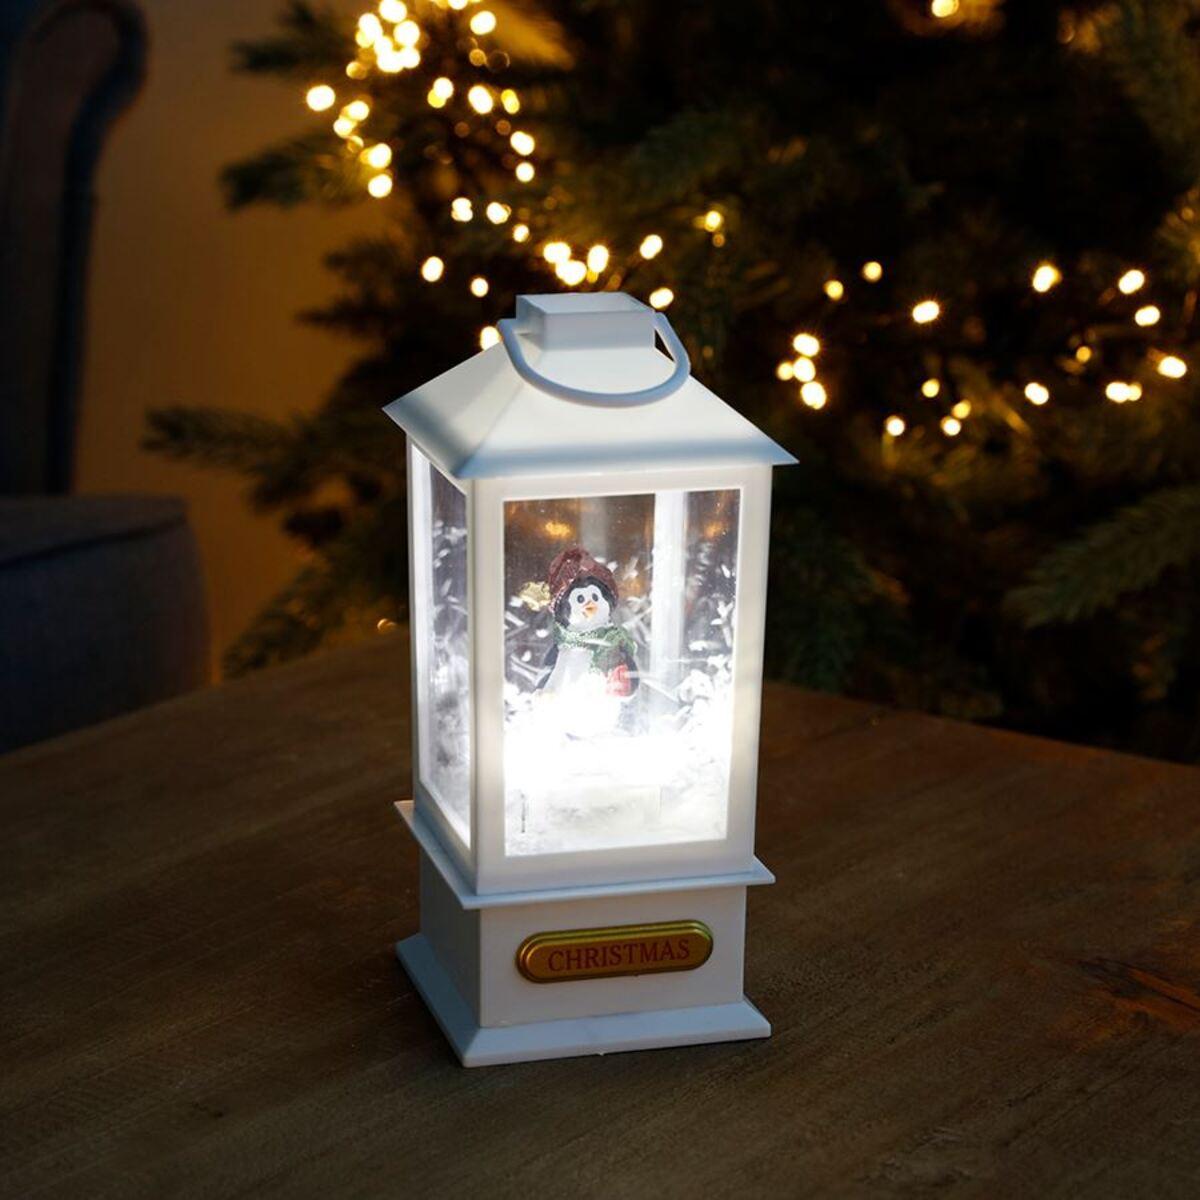 Bild 1 von LED-Dekolaterne mit Schnee-Effekt und Pinguin 9x9x19,5cm Weiß